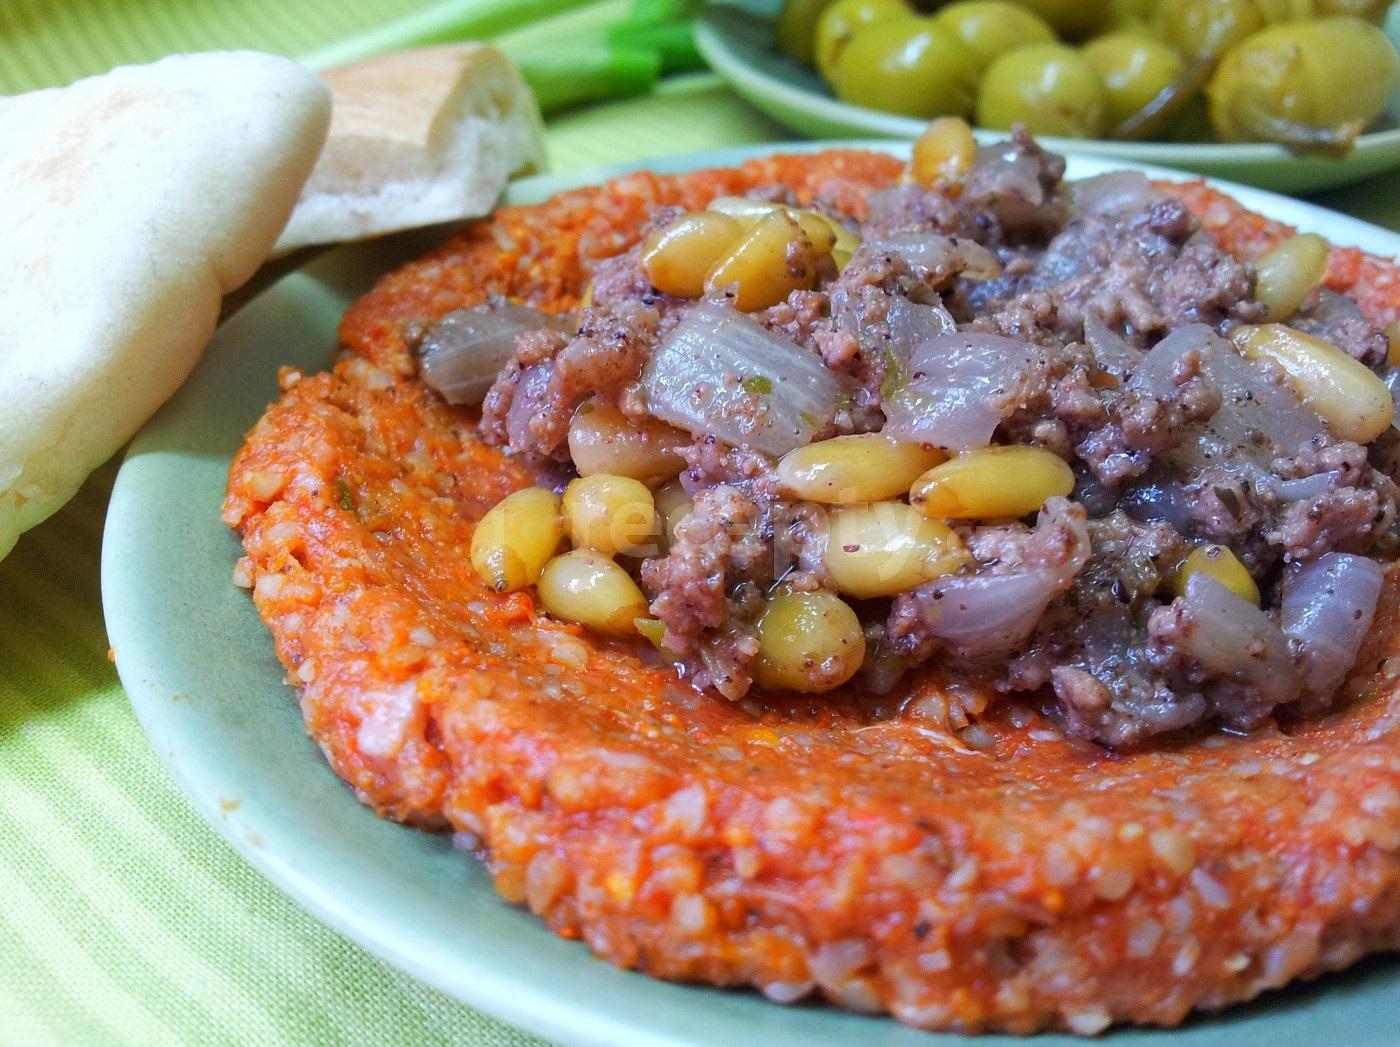 Du lịch Đông Âu - Tatarak món ăn đặc biệt của Cộng hòa Séc